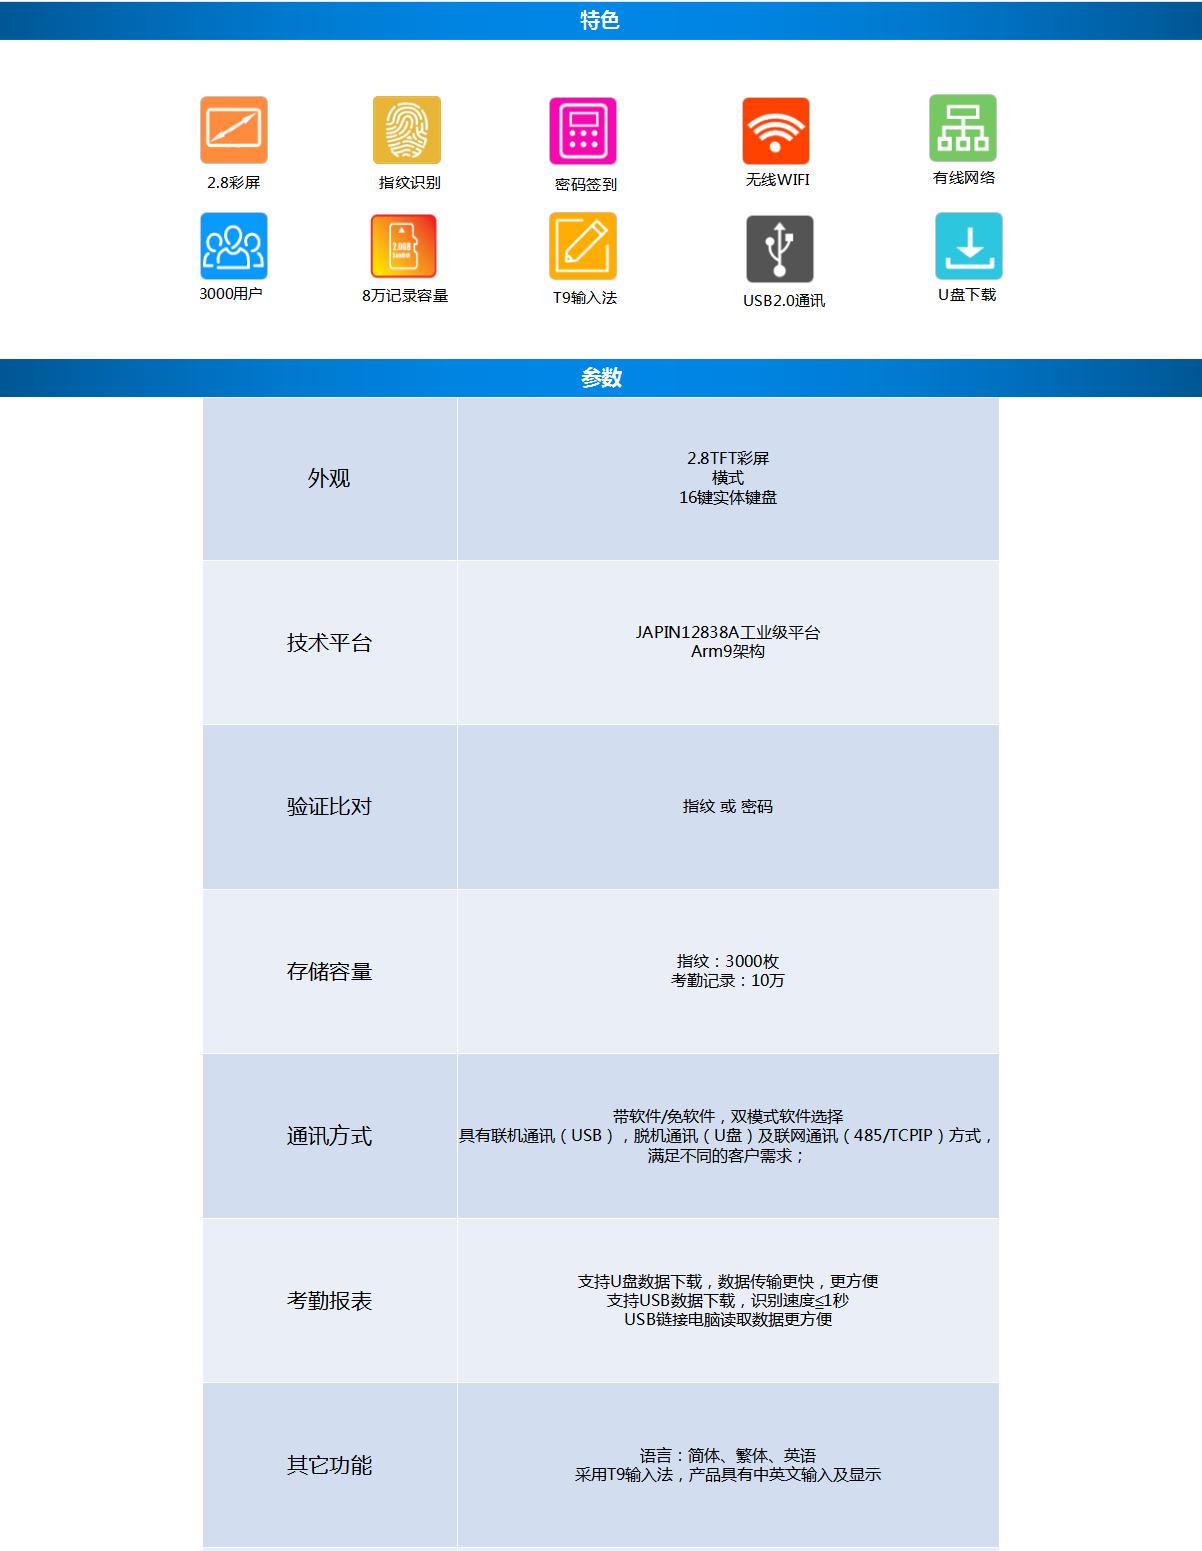 A1官网产品介绍-模板1202-普通品质输出_01.png